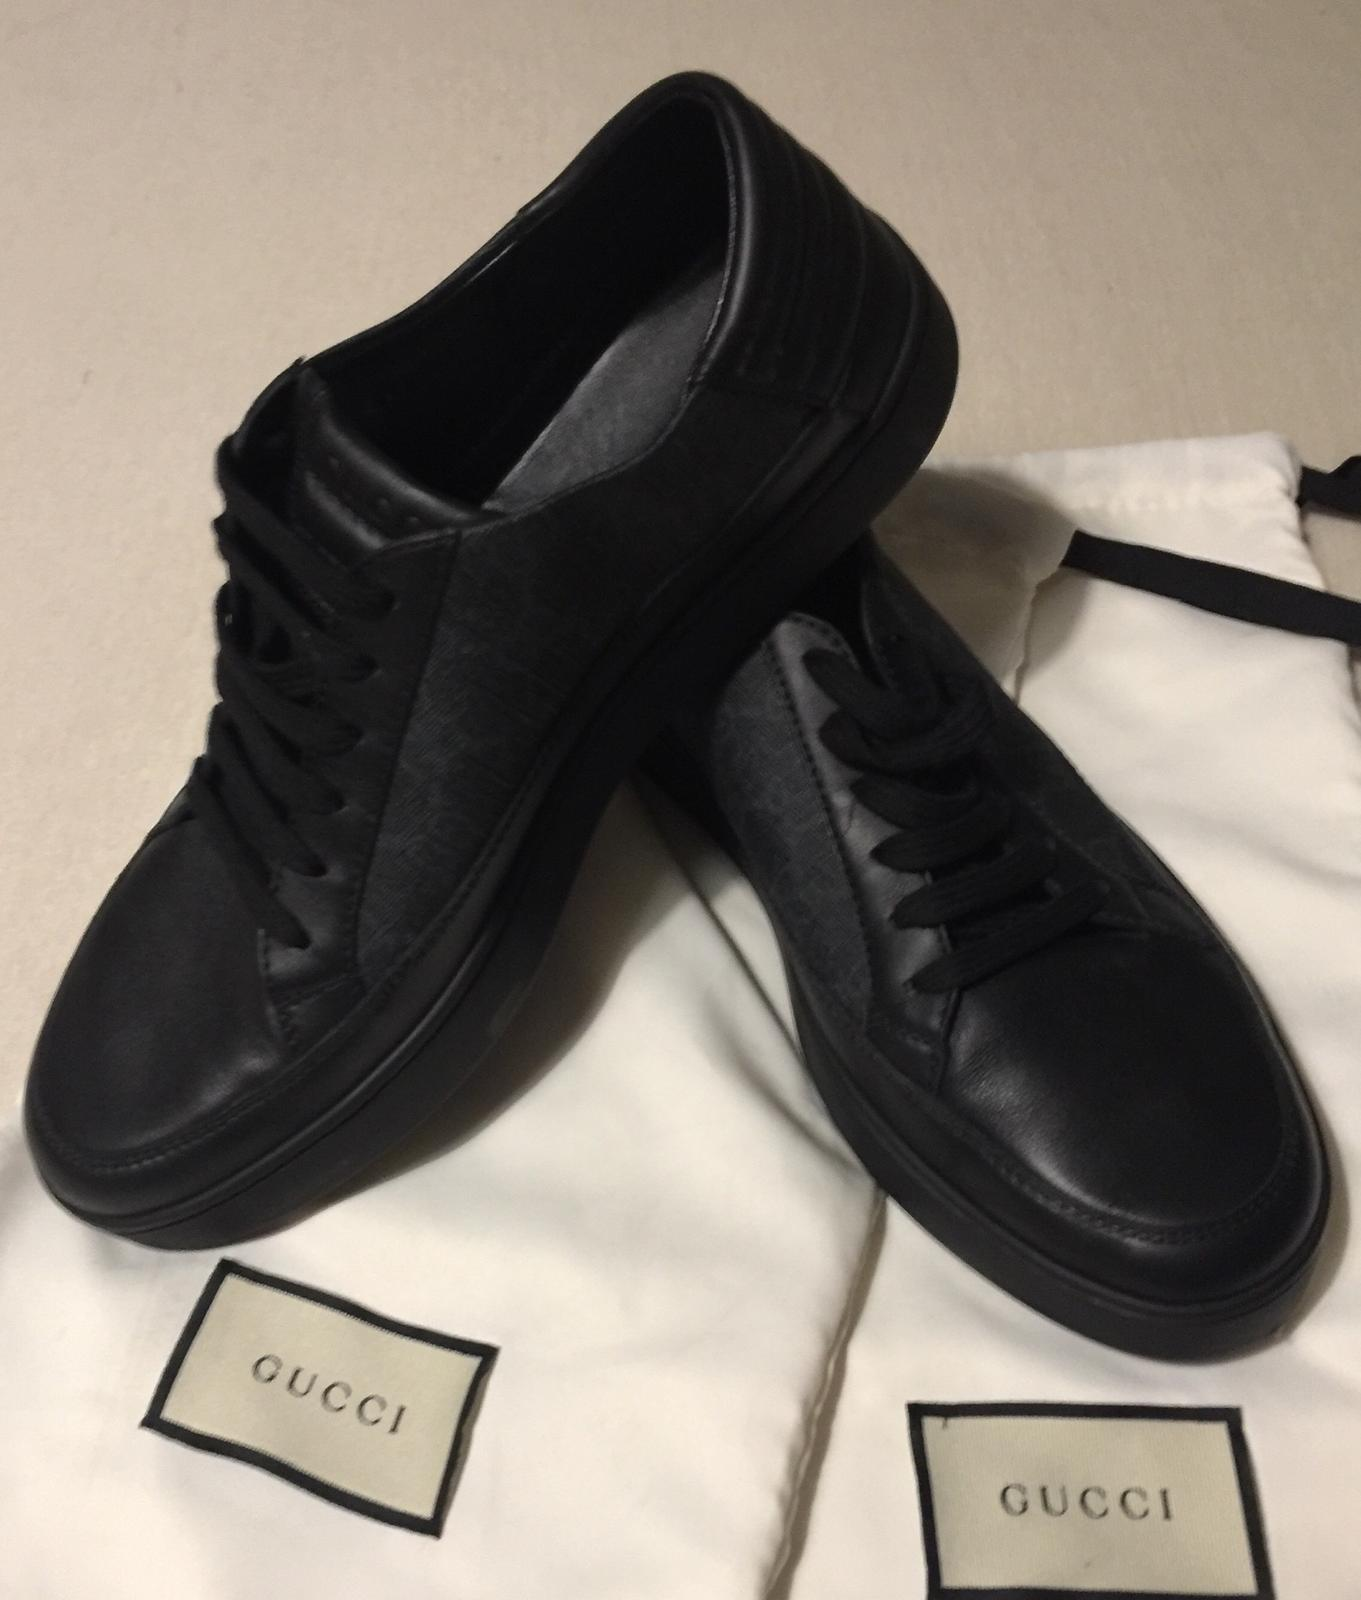 Topánky tenisky gucci 8cad3b7239b